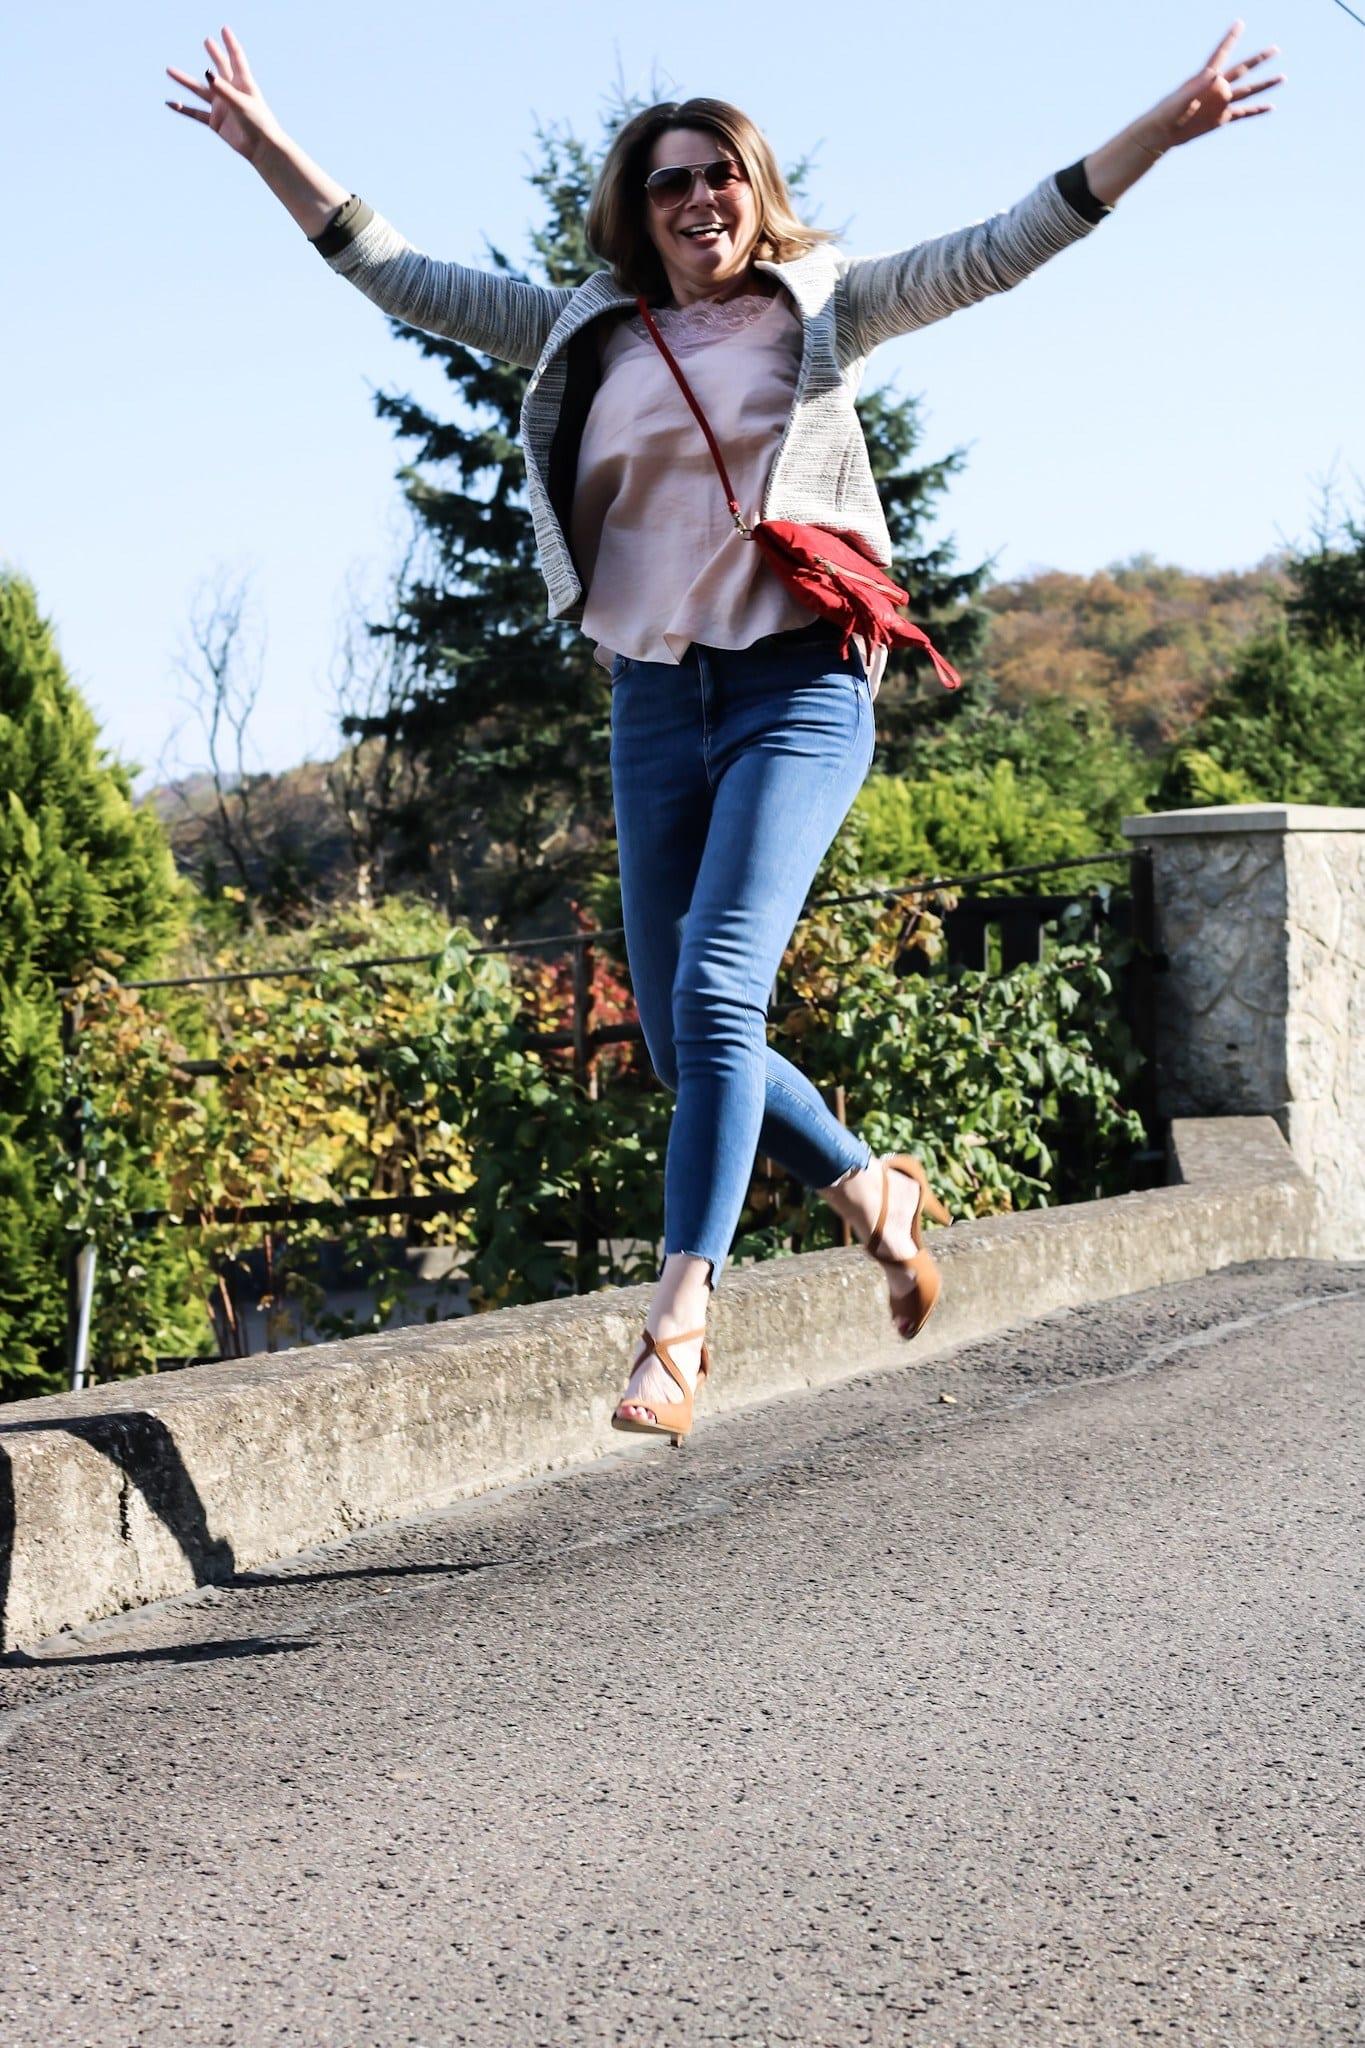 Frau Schirra bloggt macht einen Luftsprung